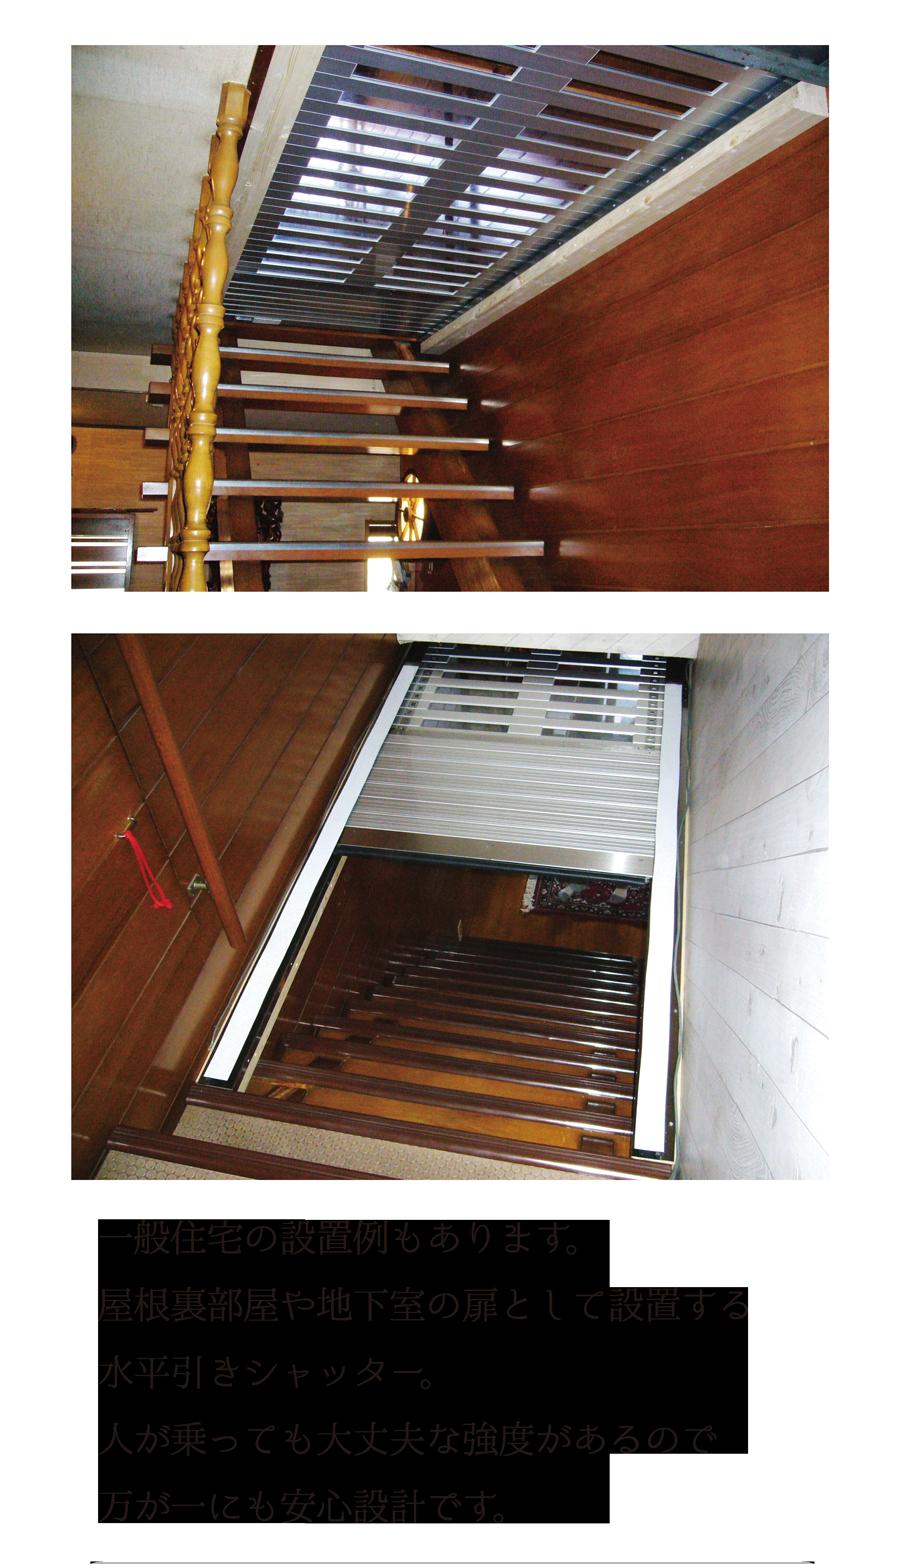 一般住宅の設置例もあります。屋根裏部屋や地下室の扉として設置する水平引きシャッター。人が乗っても大丈夫な強度があるので万が一にも安心設計です。